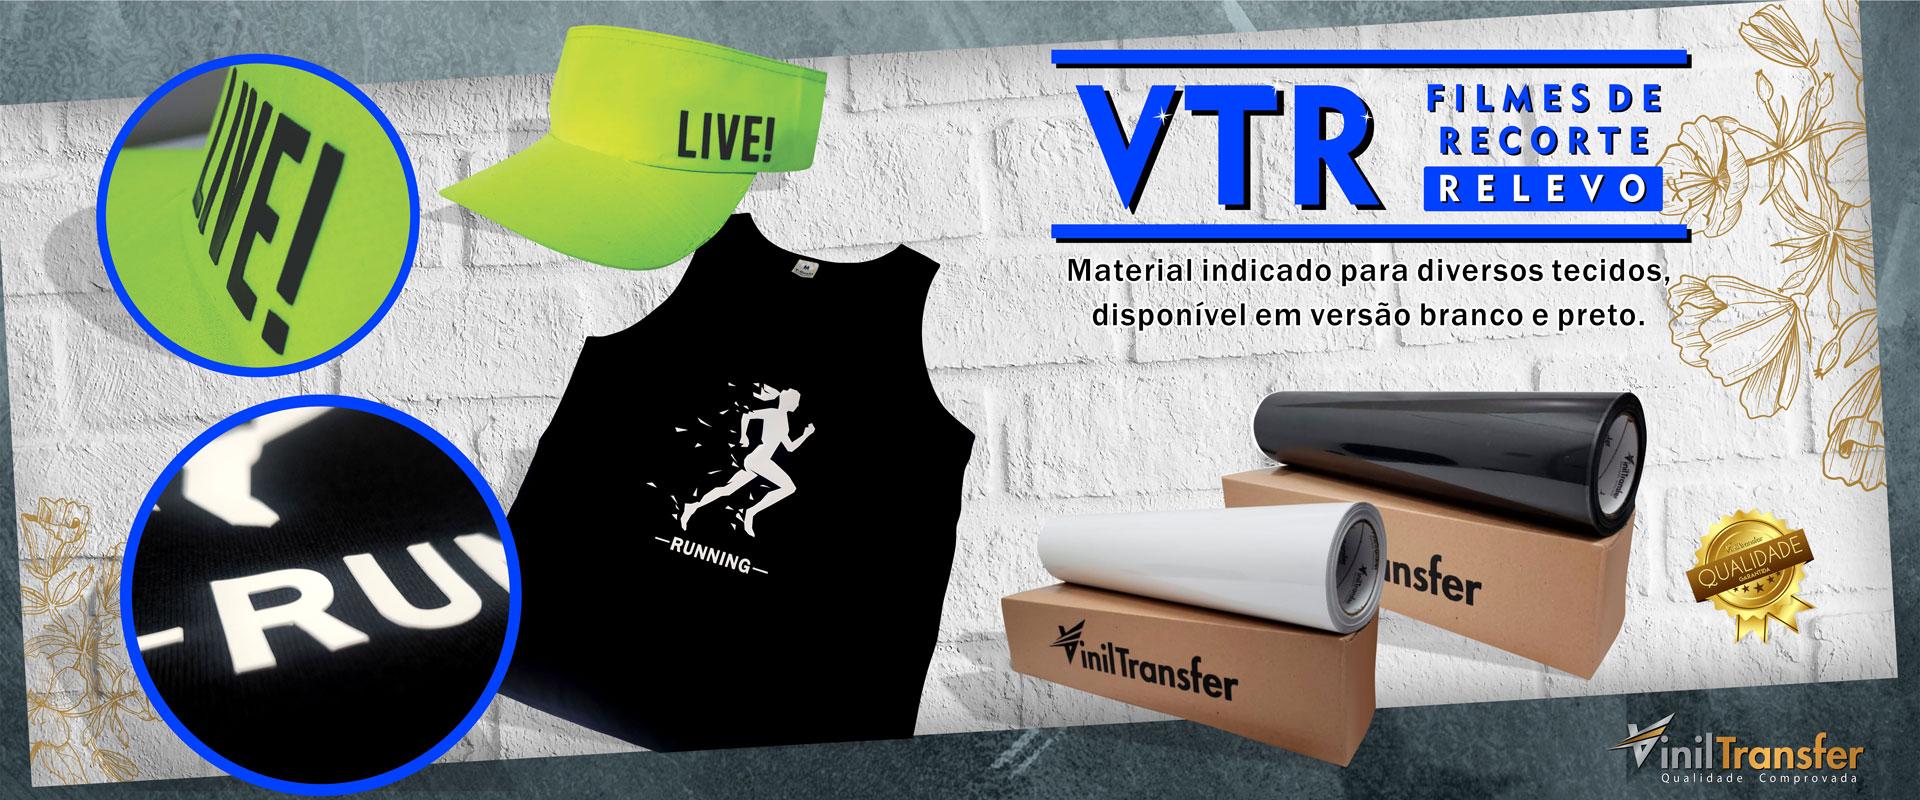 05---VTR-RELEVO_web